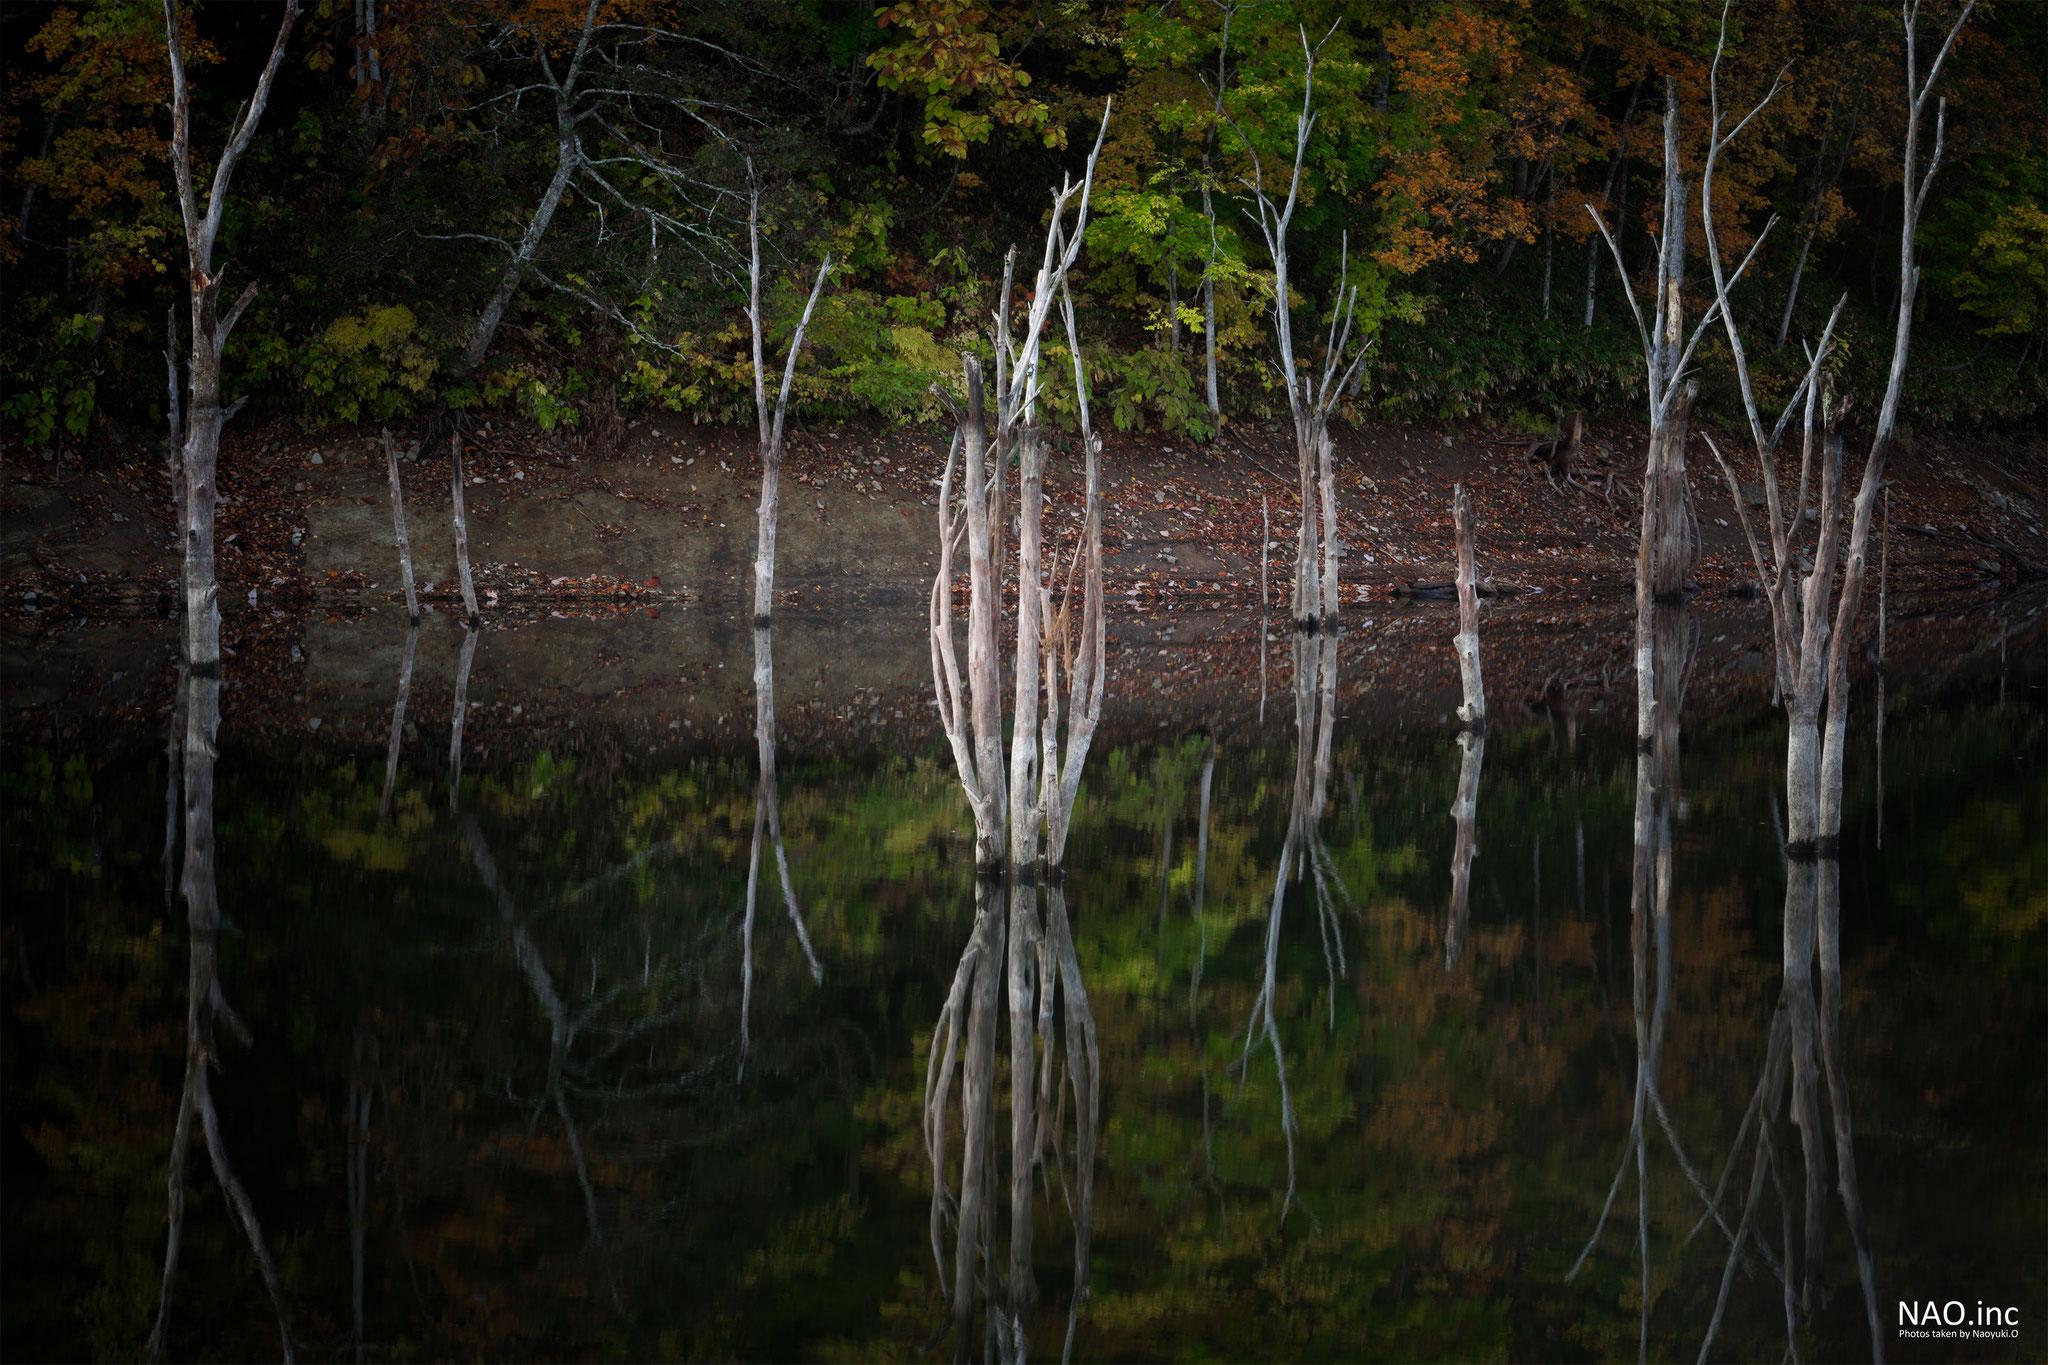 赤井川村落合ダム。ろうそくの炎のようなシルエットの枯れ木。紅葉を照らしているようだ。